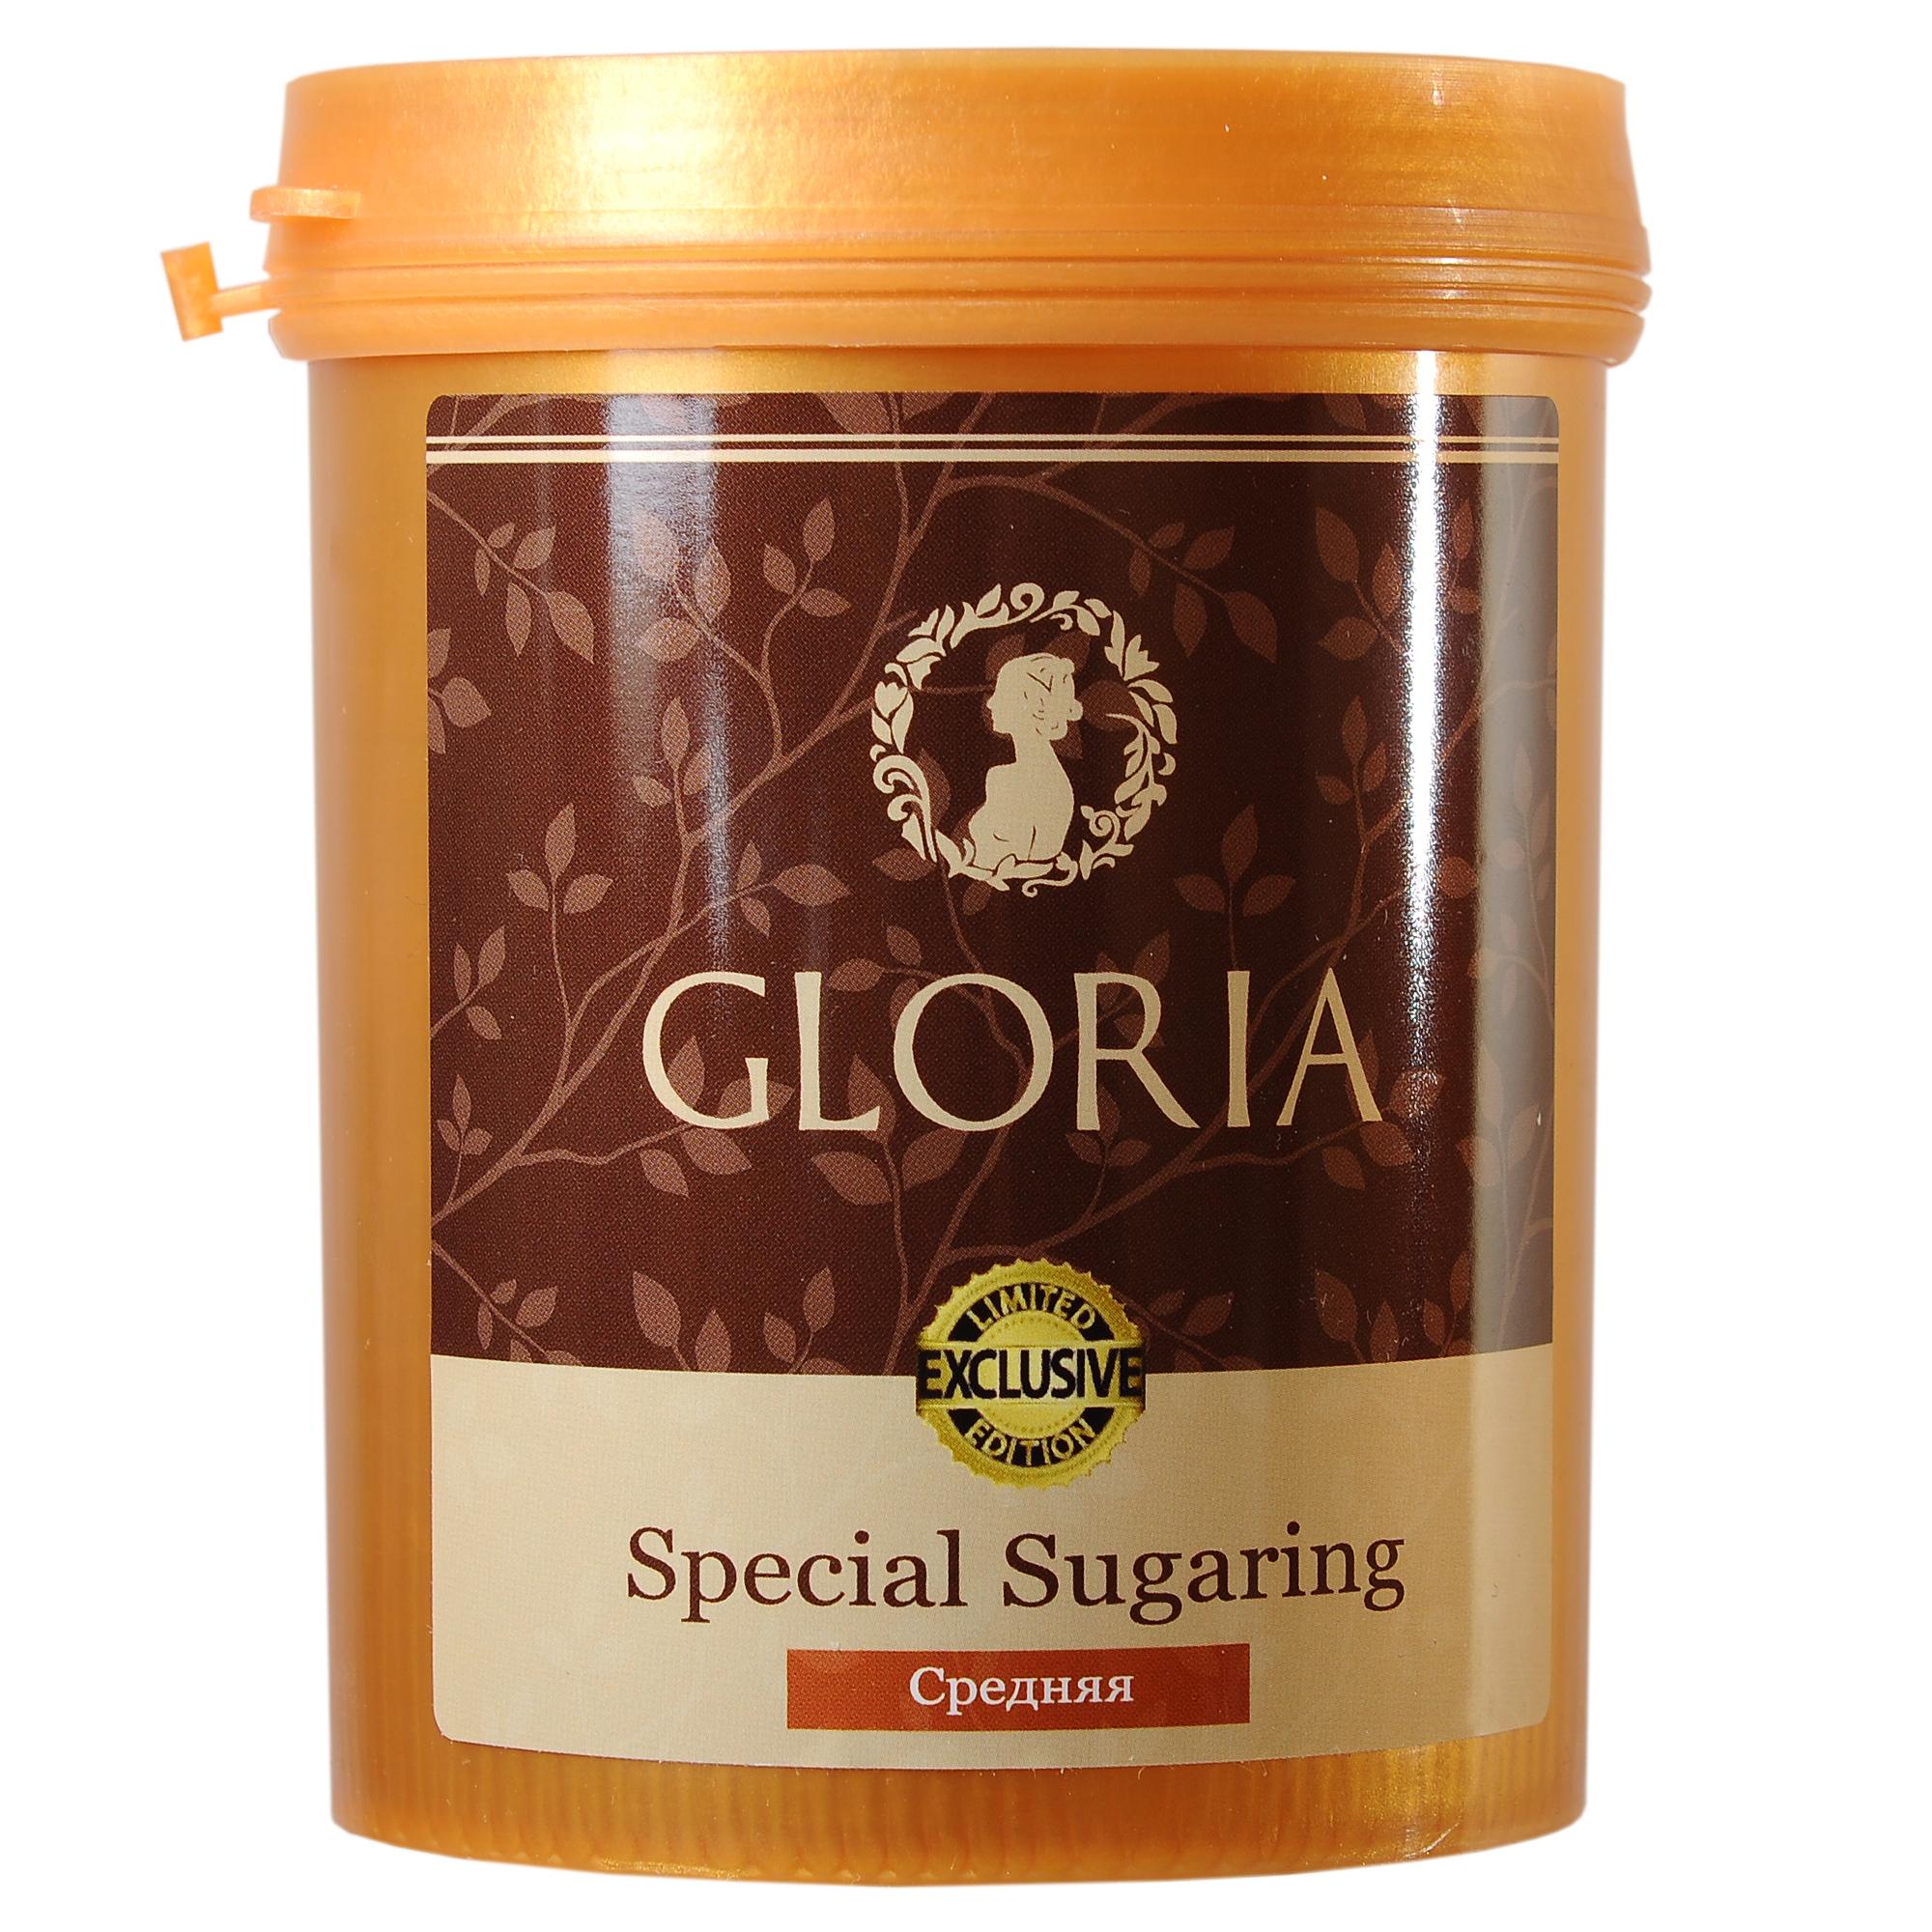 GLORIA Паста для шугаринга Gloria Exclusive средняя 0,8 кгСахарные пасты<br>Вокруг состава пасты для шугаринга, а точнее наличия или отсутствия в ней лимонной кислоты, ходит много споров. Компания GLORIA приняла решение выпустить пасту GLORIA EXCLUSIVE не только без лимонной кислоты, но и с включением дополнительных полезных ингредиентов. Паста для шугаринга средняя Gloria EXCLUSIVE предназначена для удаления жёстких волос на руках, ногах и других участков тела с невысокой температурой тела, а также для удаления умеренно жёстких волос в зоне бикини и подмышечных впадинах. Преимущества : 1. Не содержит лимонную кислоту 2. Уникальная формула с ионами серебра 3. Абсолютно натуральный продукт 4. Гипоаллергенная&amp;nbsp; 5. Гигиенична 6. Безопасна Активные ингредиенты: вода, глюкоза, фруктоза, лимонный сок. Способ применения:&amp;nbsp;на предварительно очищенную и обезжиренную кожу нанести небольшое количество пасты в направлении, противоположном направлению роста волос. Резким движением оторвать пасту вместе с нежелательными волосками, второй рукой натягивая кожу в противоположную сторону. По окончании процедуры остатки пасты удалить влажной салфеткой. Количество процедур:&amp;nbsp;25-30<br><br>Объем: 0,8 кг